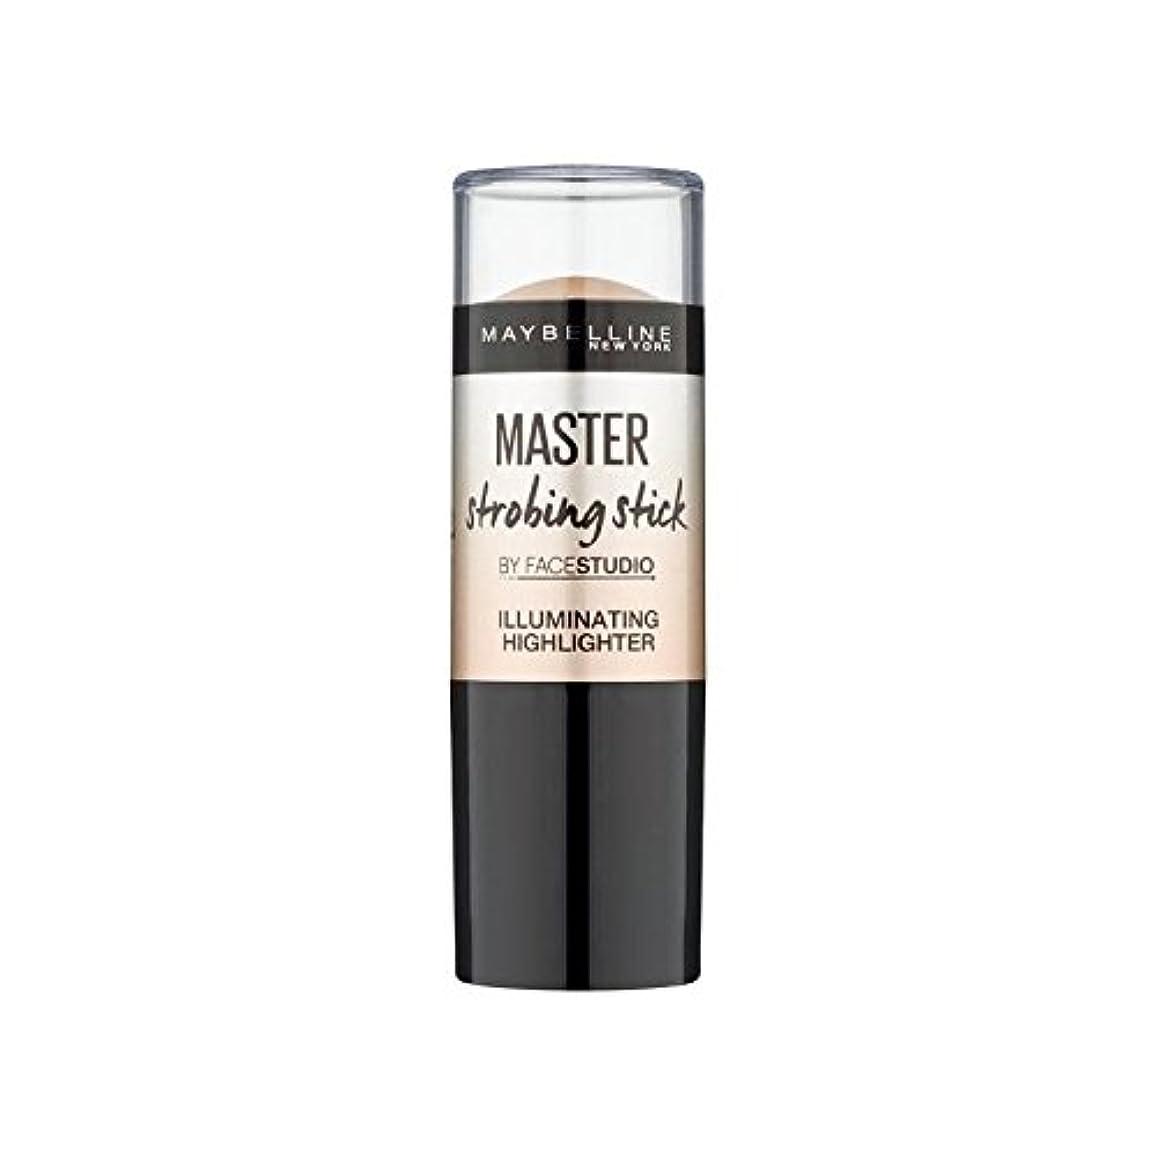 せがむ対応する気球メイベリンマスターストロボスティック媒体 x2 - Maybelline Master Strobing Stick Medium (Pack of 2) [並行輸入品]